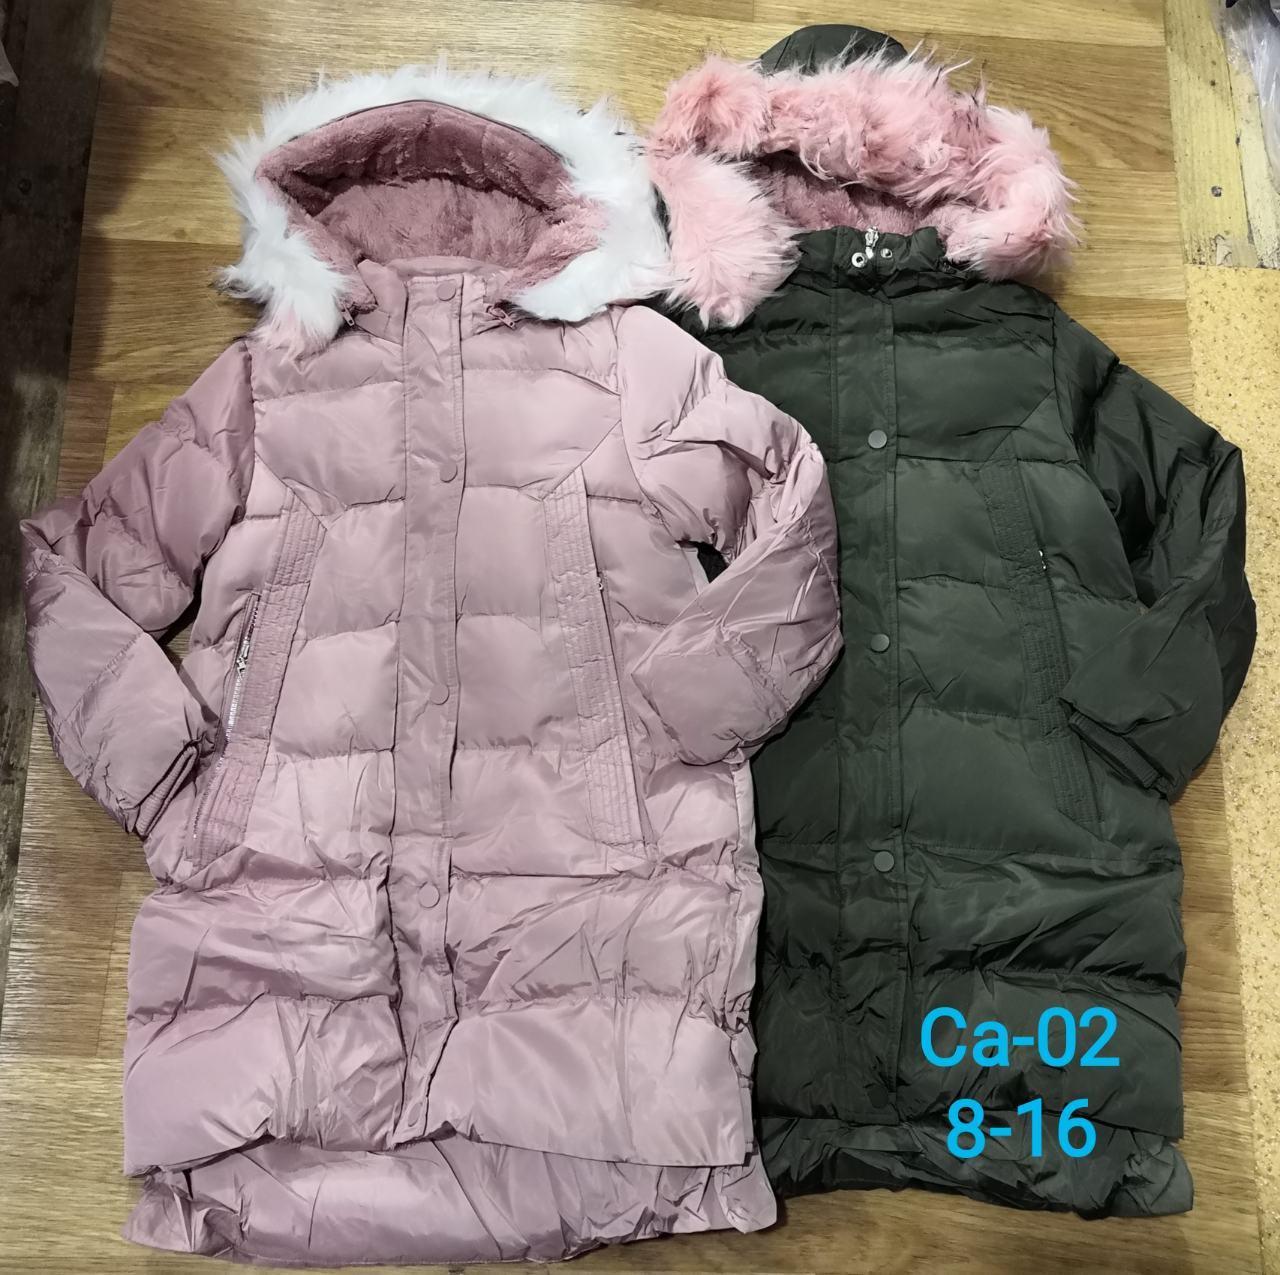 Зимняя куртка-пальто для девочек оптом, 8-16 лет, Sincere, арт. Ca-02, фото 1